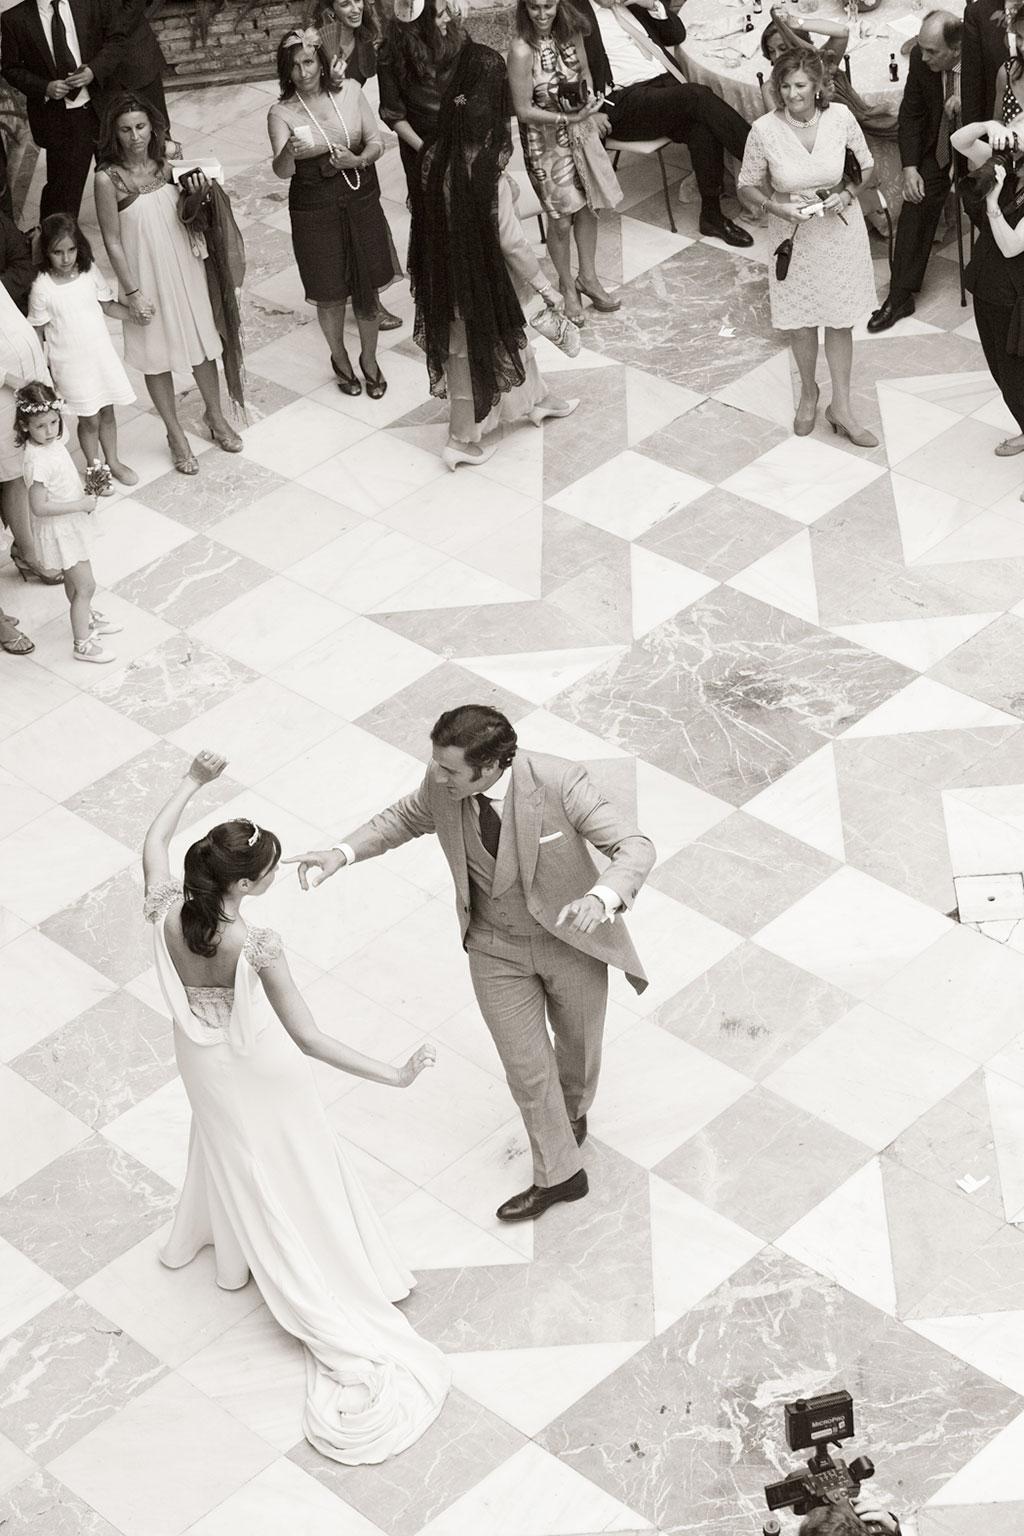 La boda de Ana y Alvaro | 321mecaso